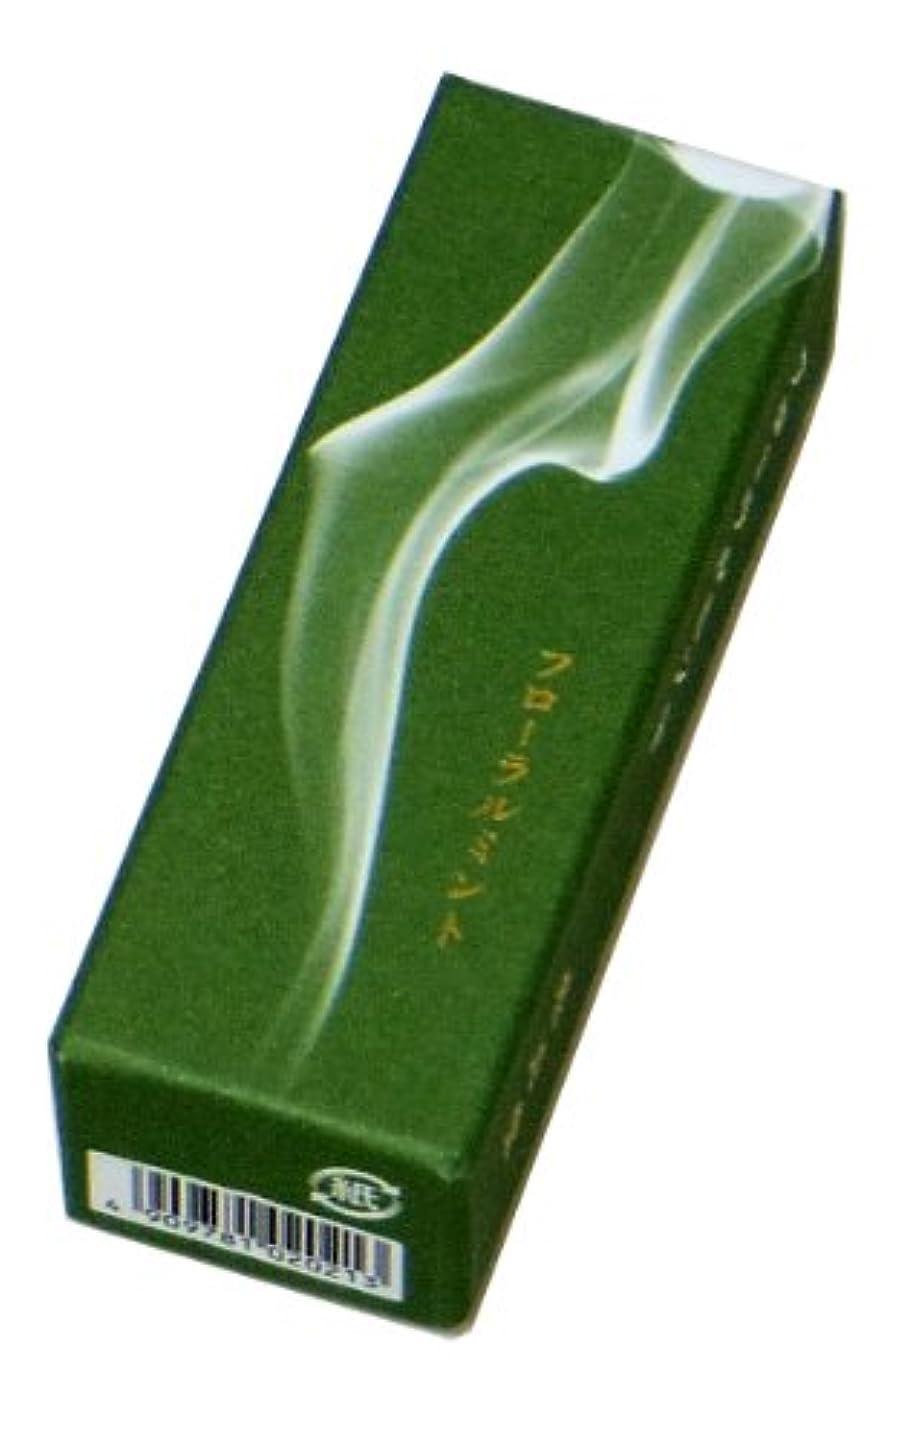 どこ花嫁とても多くの鳩居堂のお香 香水の香り フローラルミント 20本入 6cm